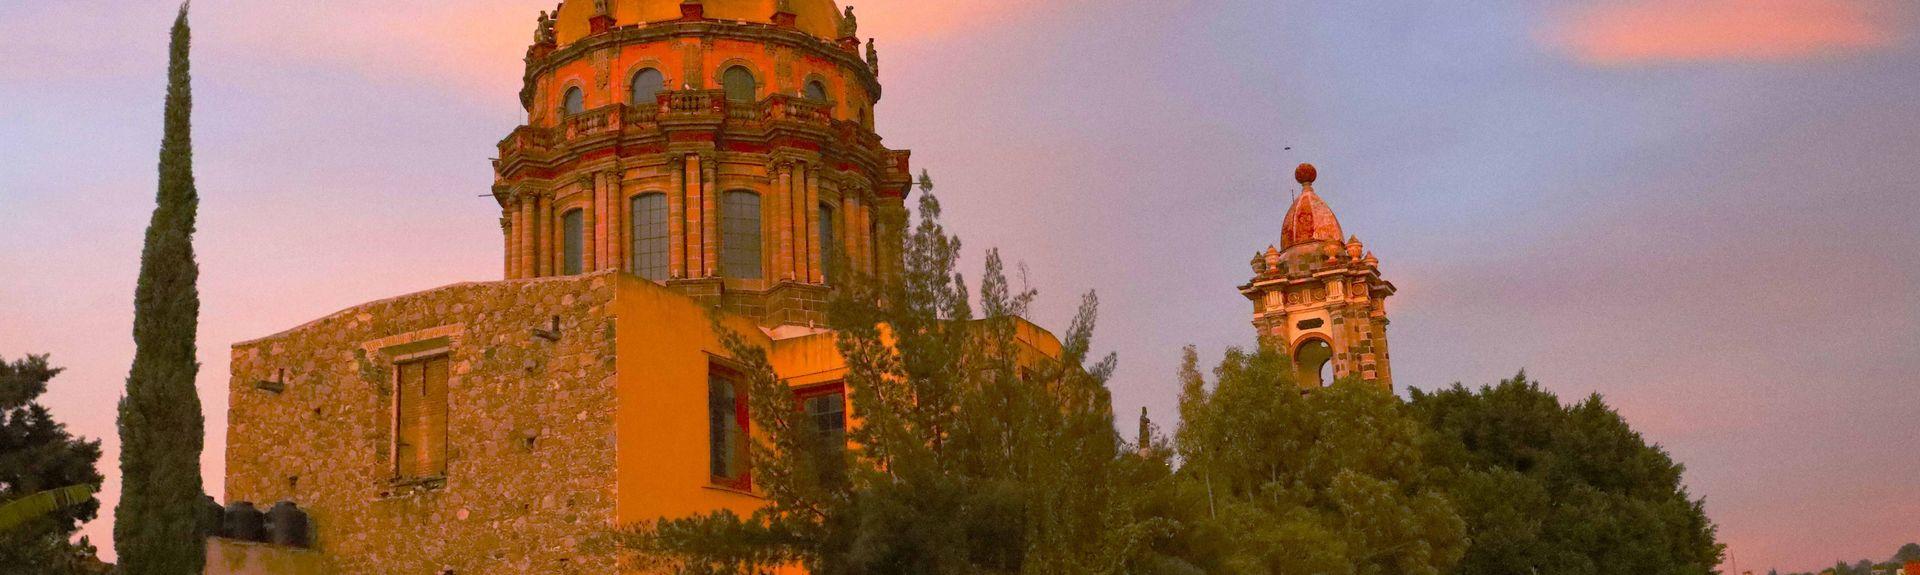 Colonia San Raphael, San Miguel de Allende, Guanajuato, Mexico